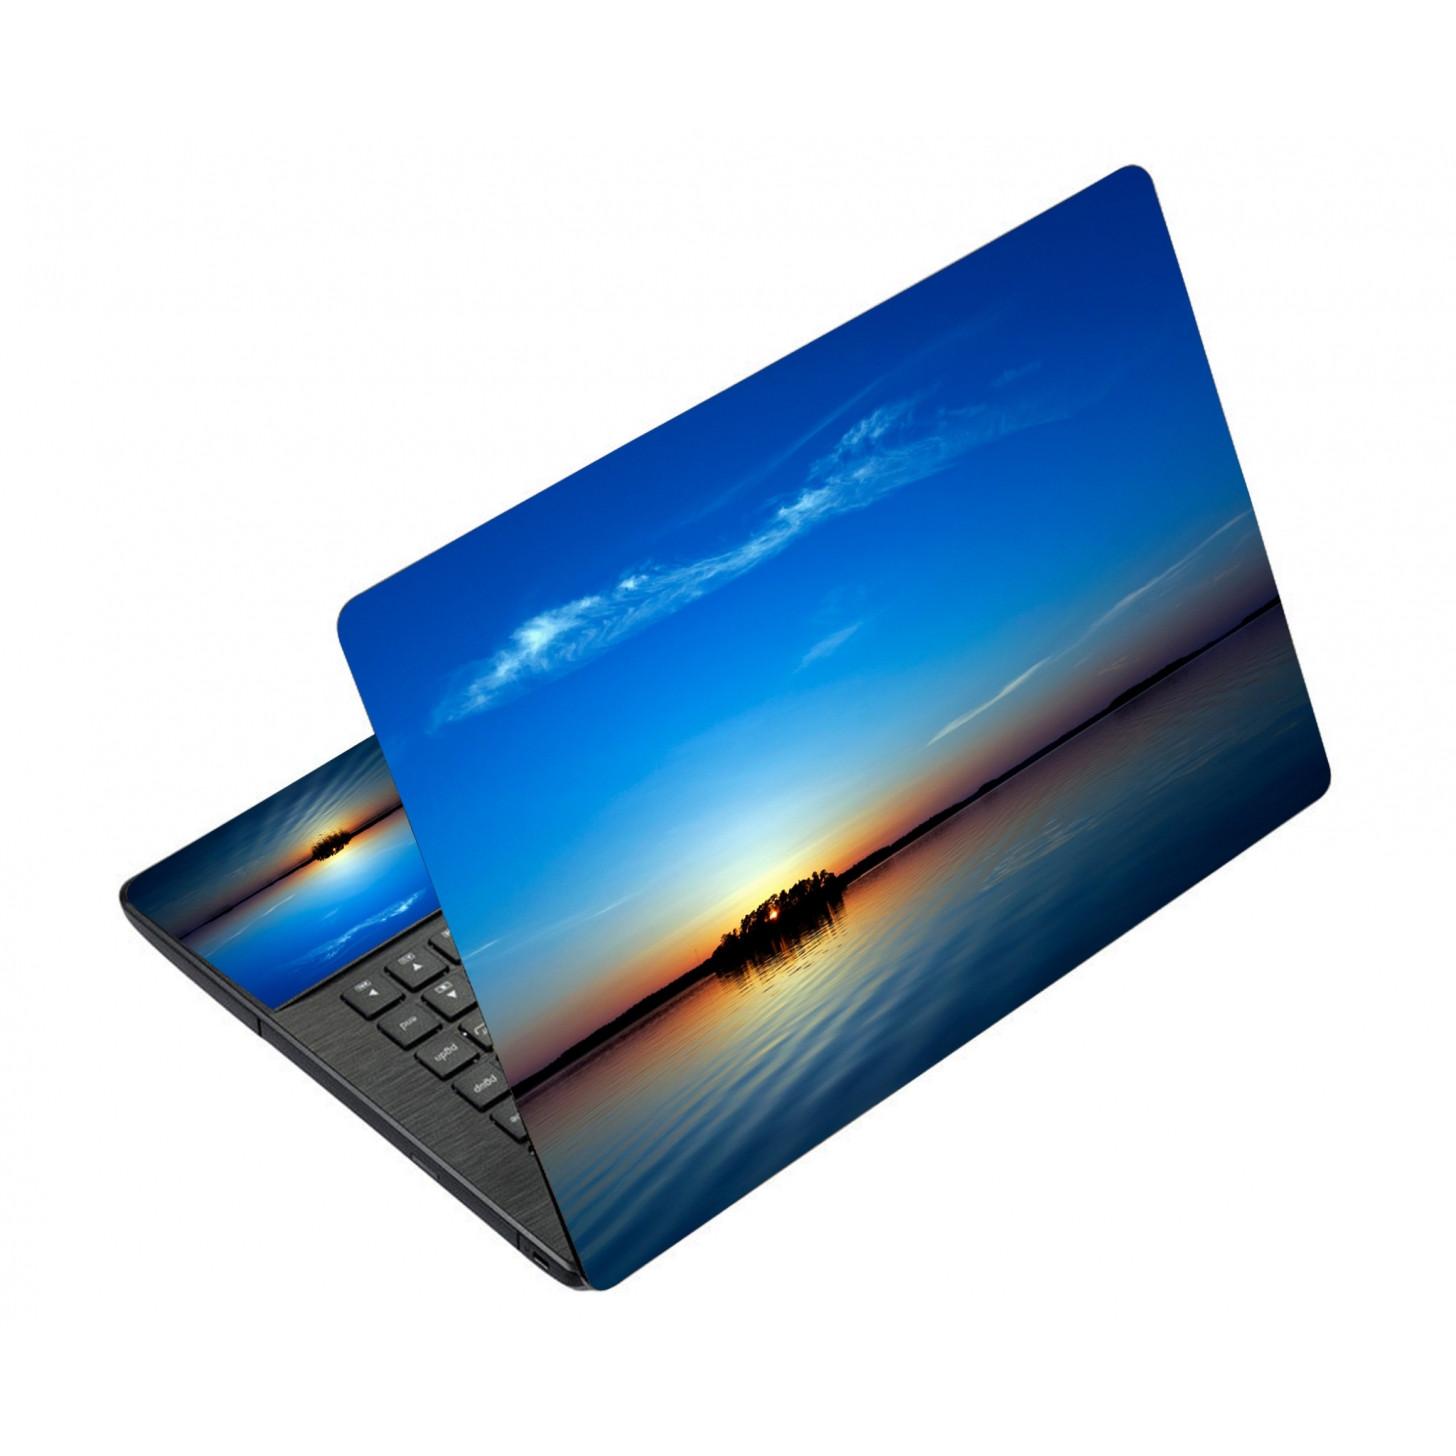 Miếng Dán Decal Dành Cho Laptop - Thiên Nhiên LTTN-32